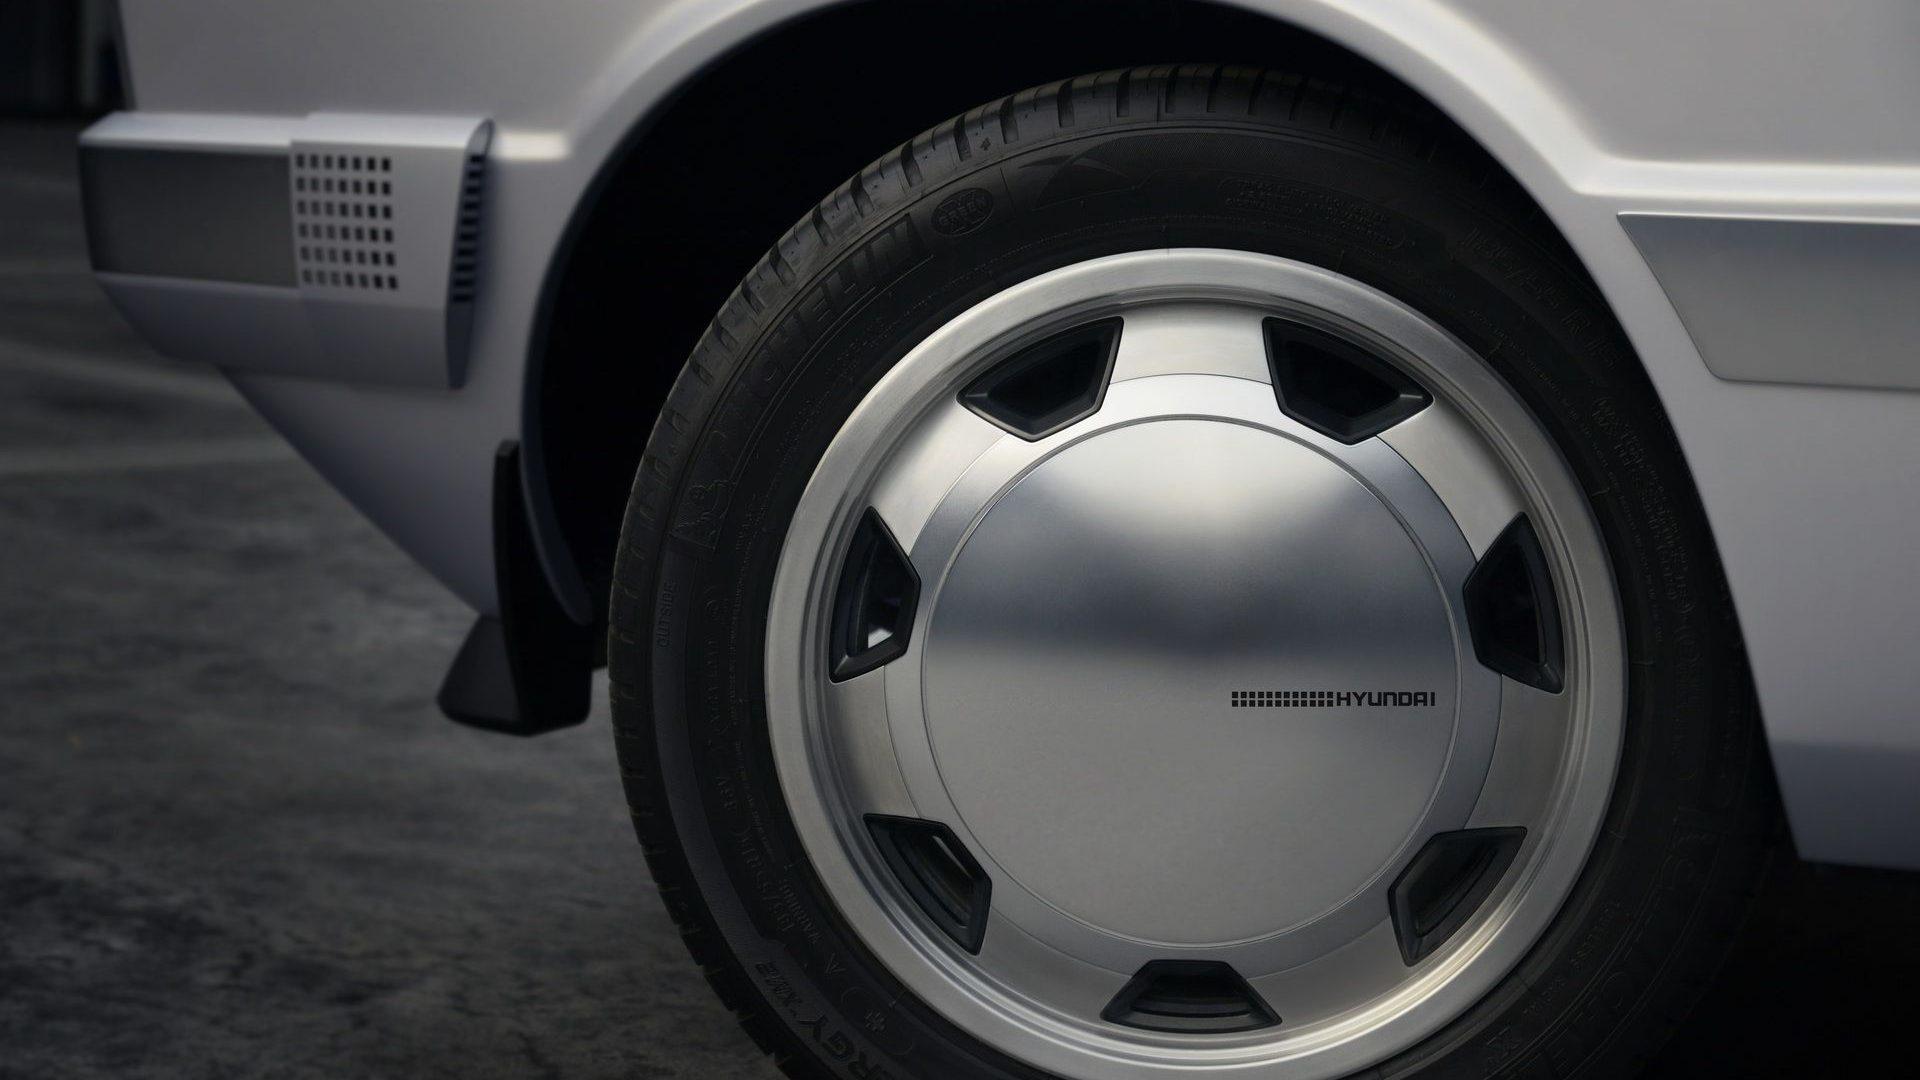 2021-Hyundai-Pony-EV-Show-Car-12